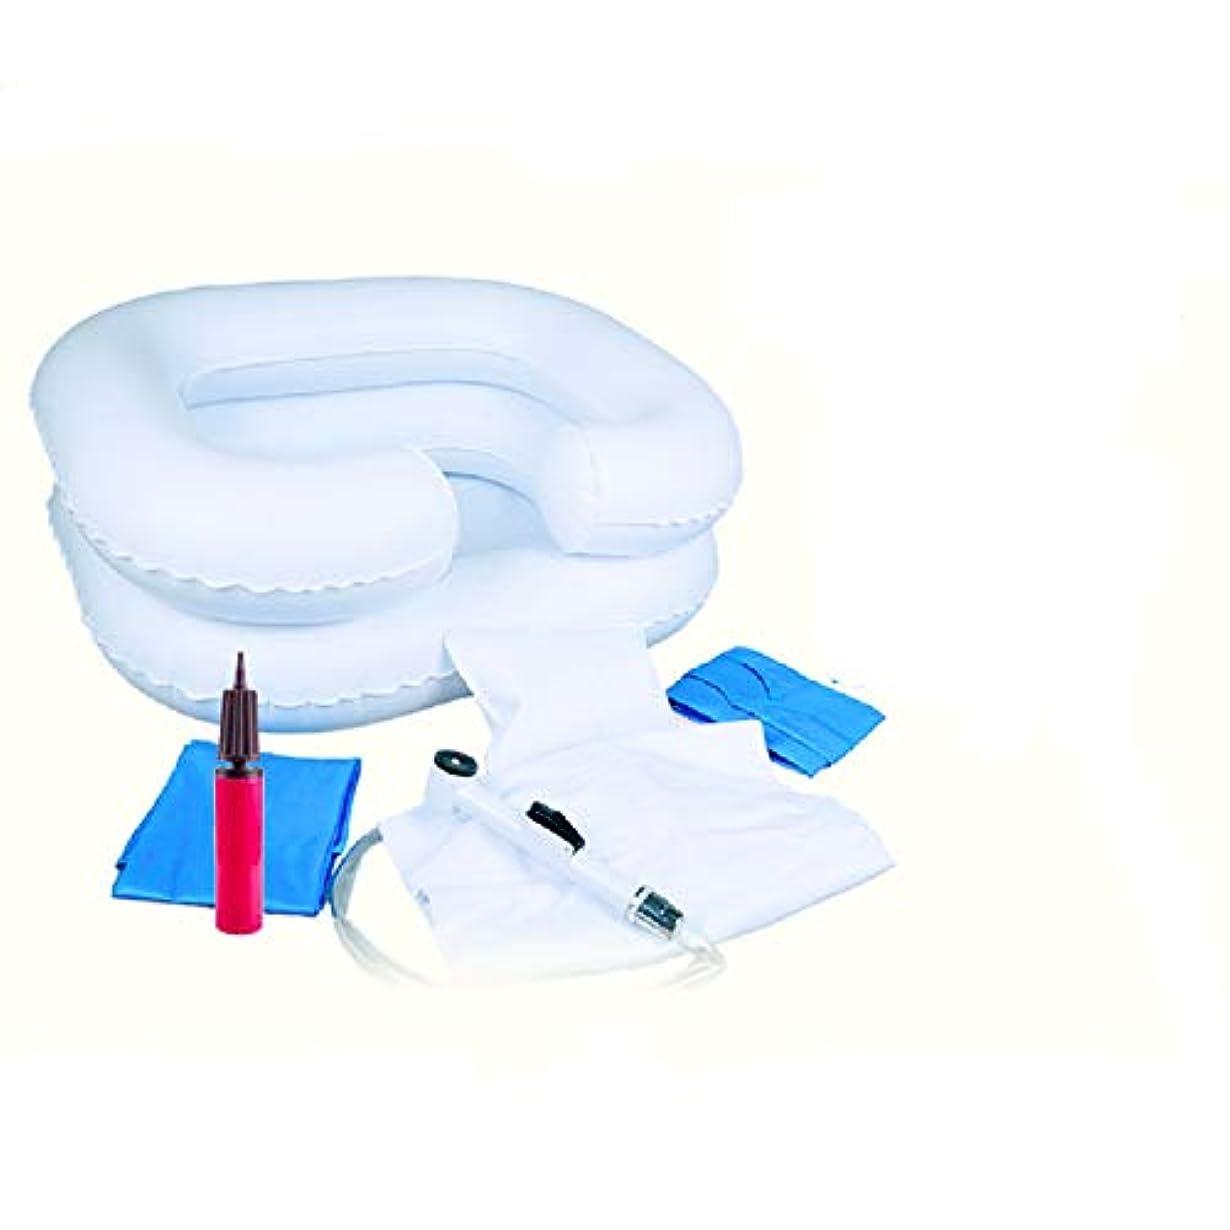 リング太字ジョージスティーブンソン洗髪槽 寝たままシャンプー台 空気式 シャワー付 6点セット 介護用品 高齢